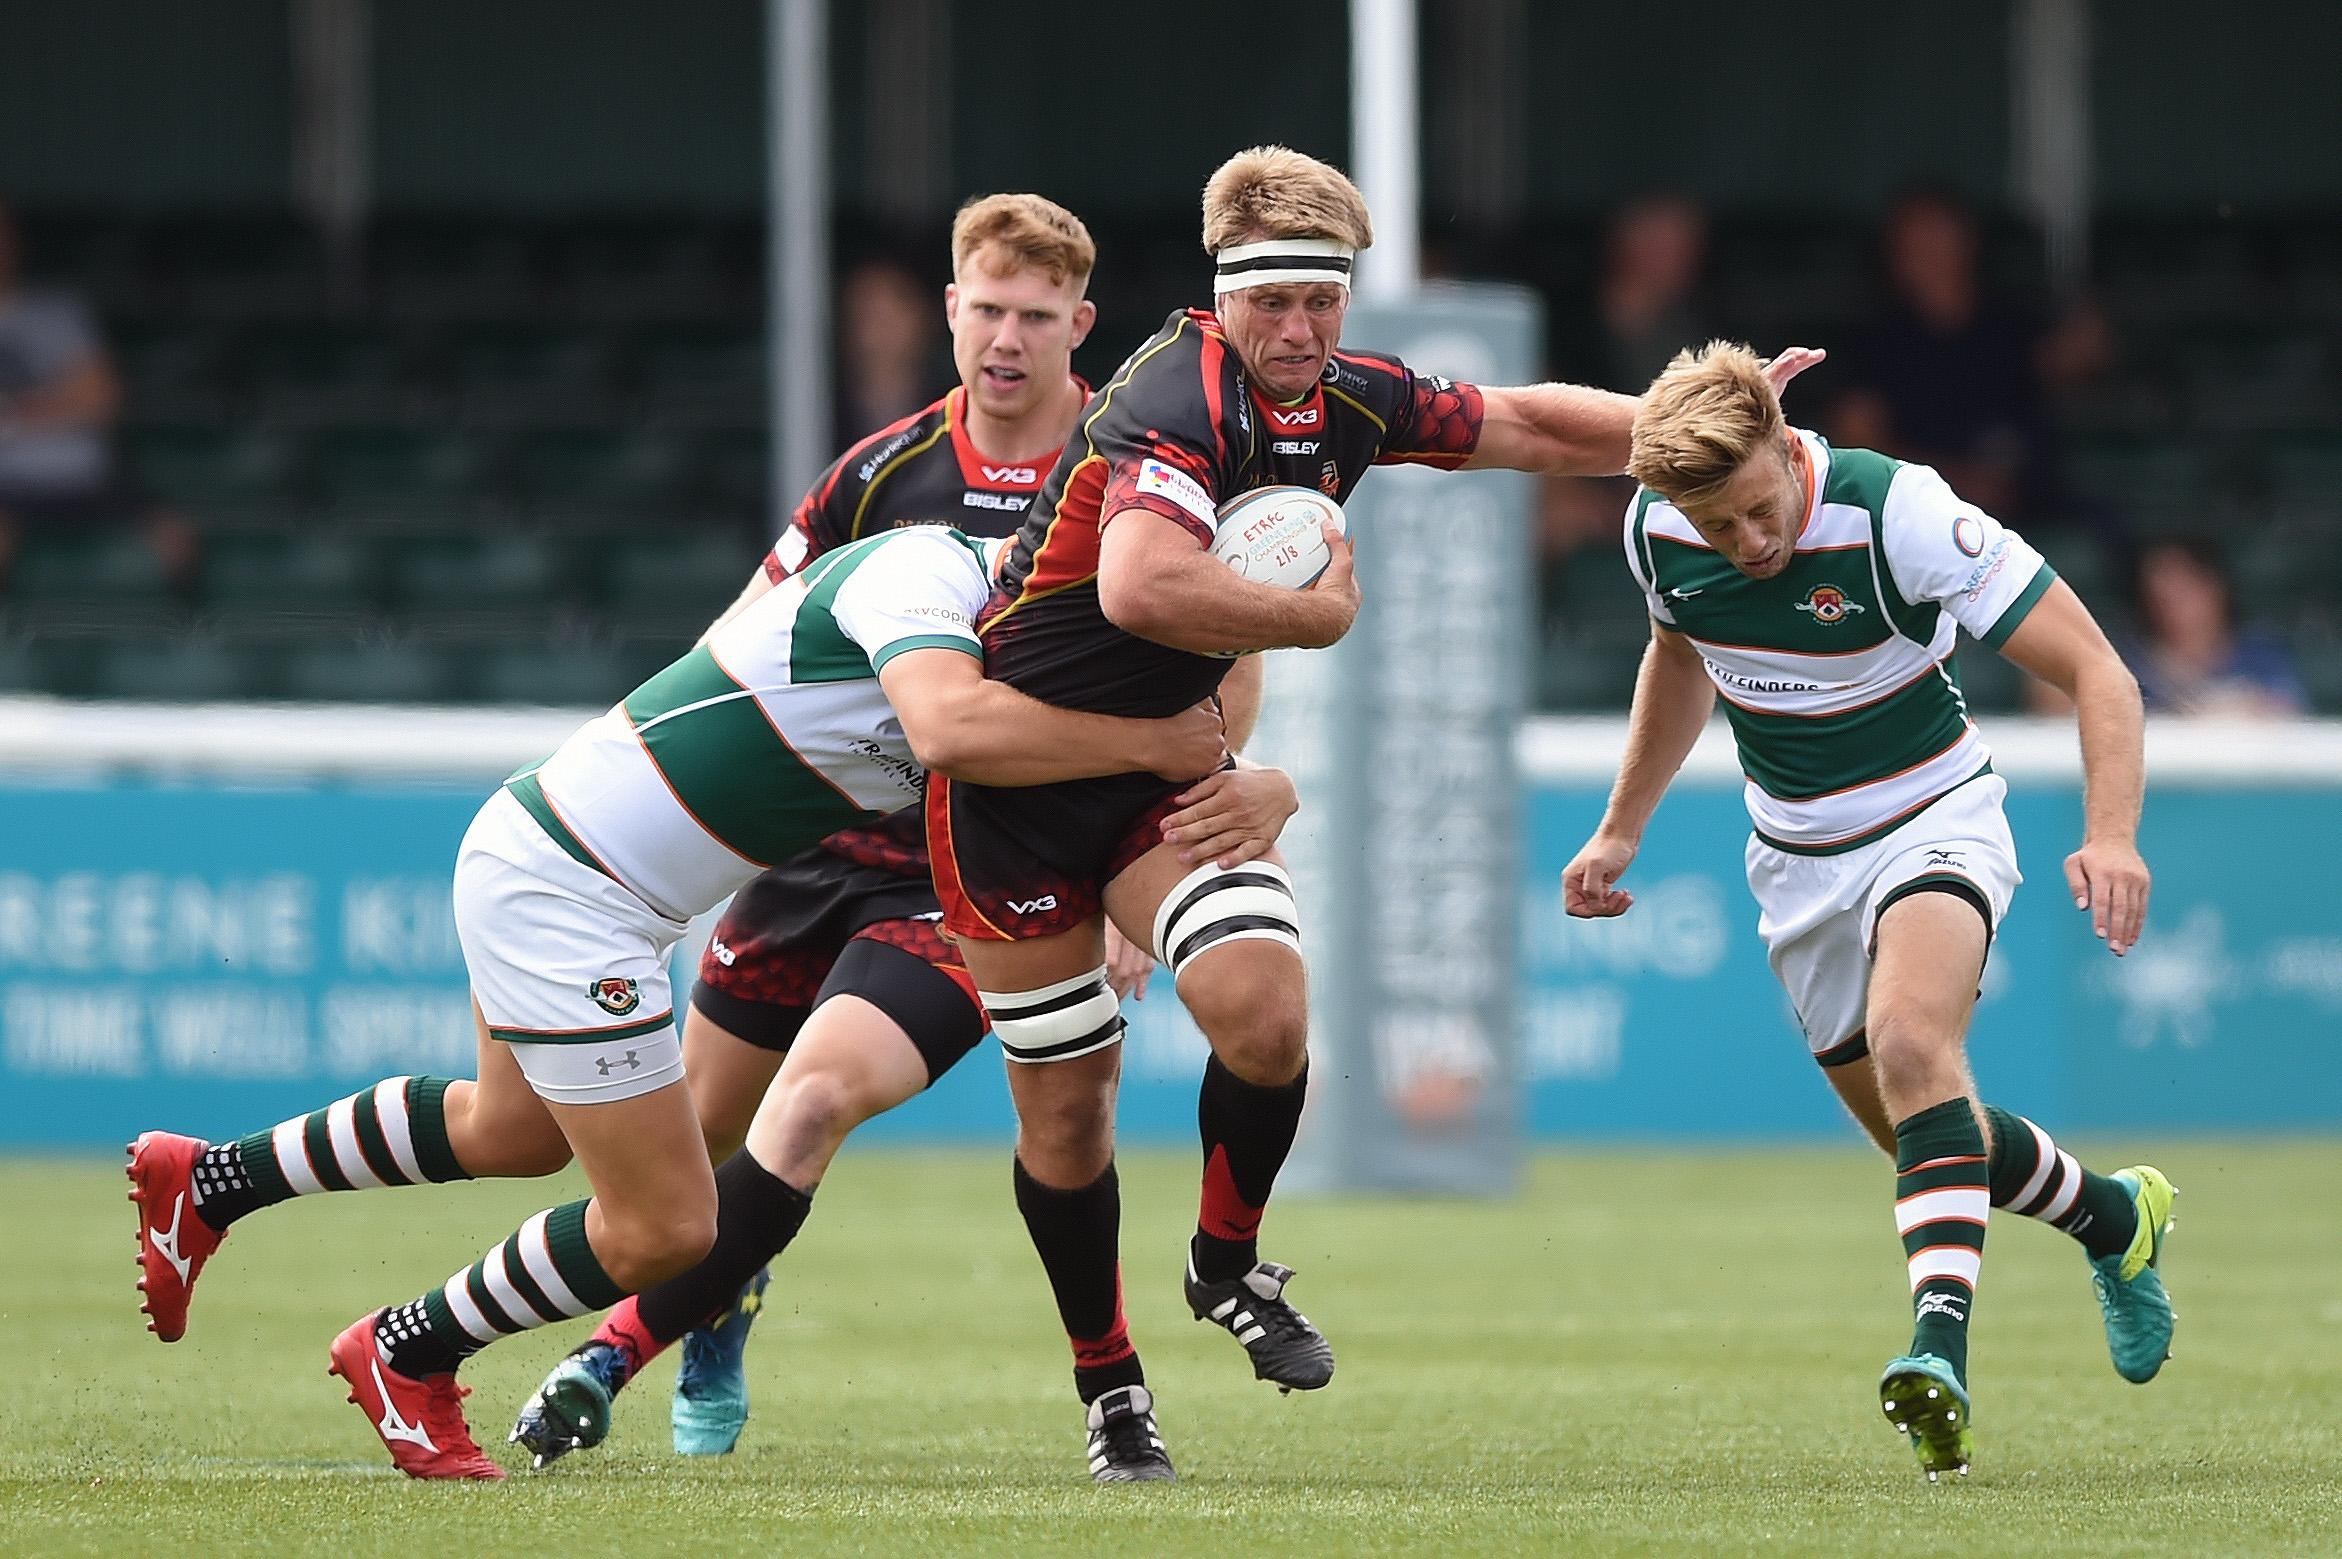 Nic Cudd in action against Ealing in preseason